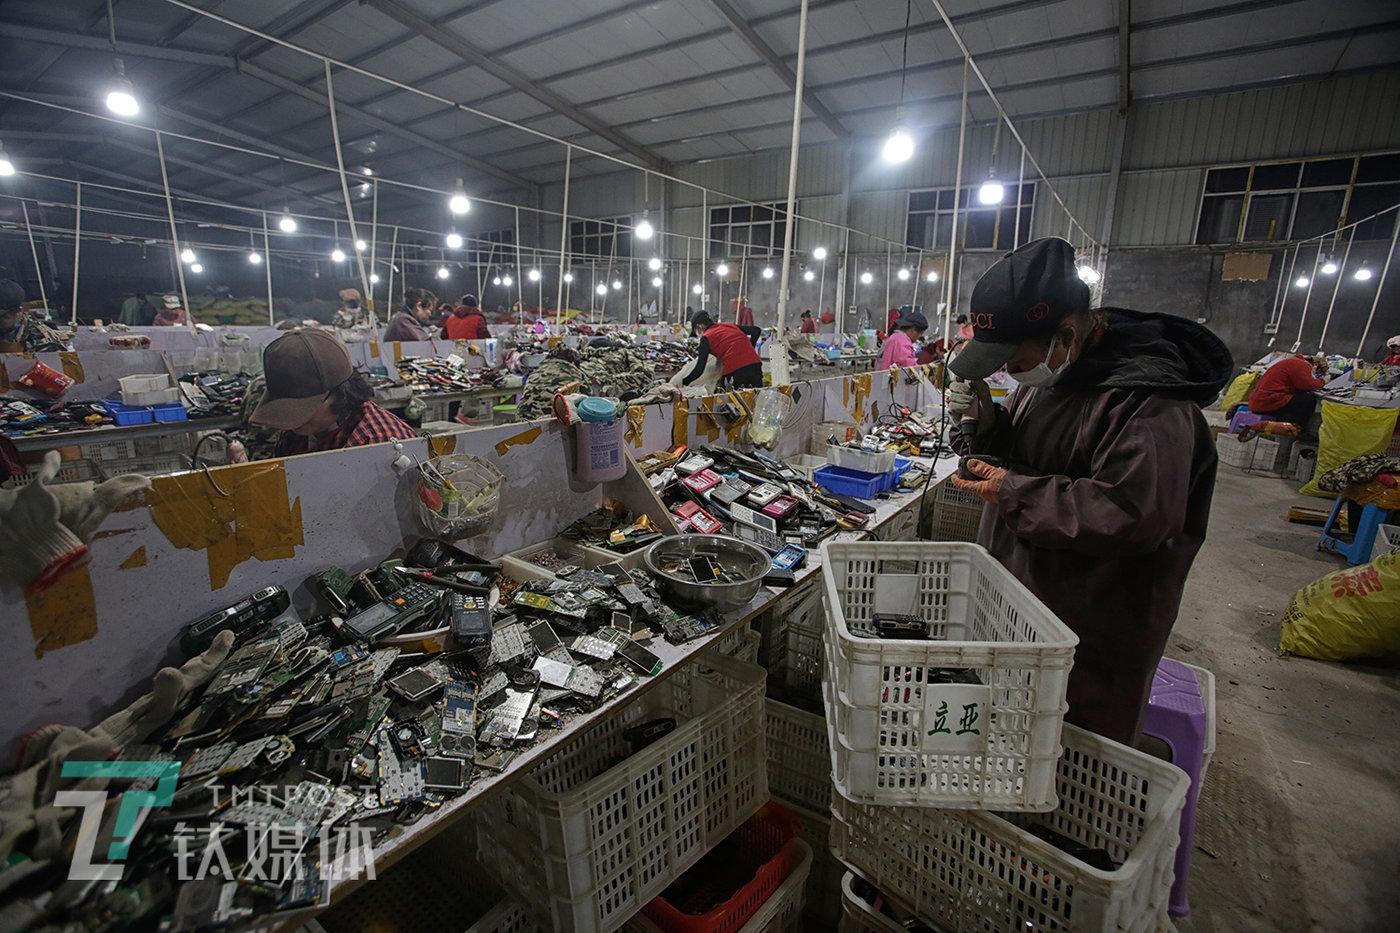 3月4日,河南商丘某手机拆解厂,工人在加班加点拆解手机。